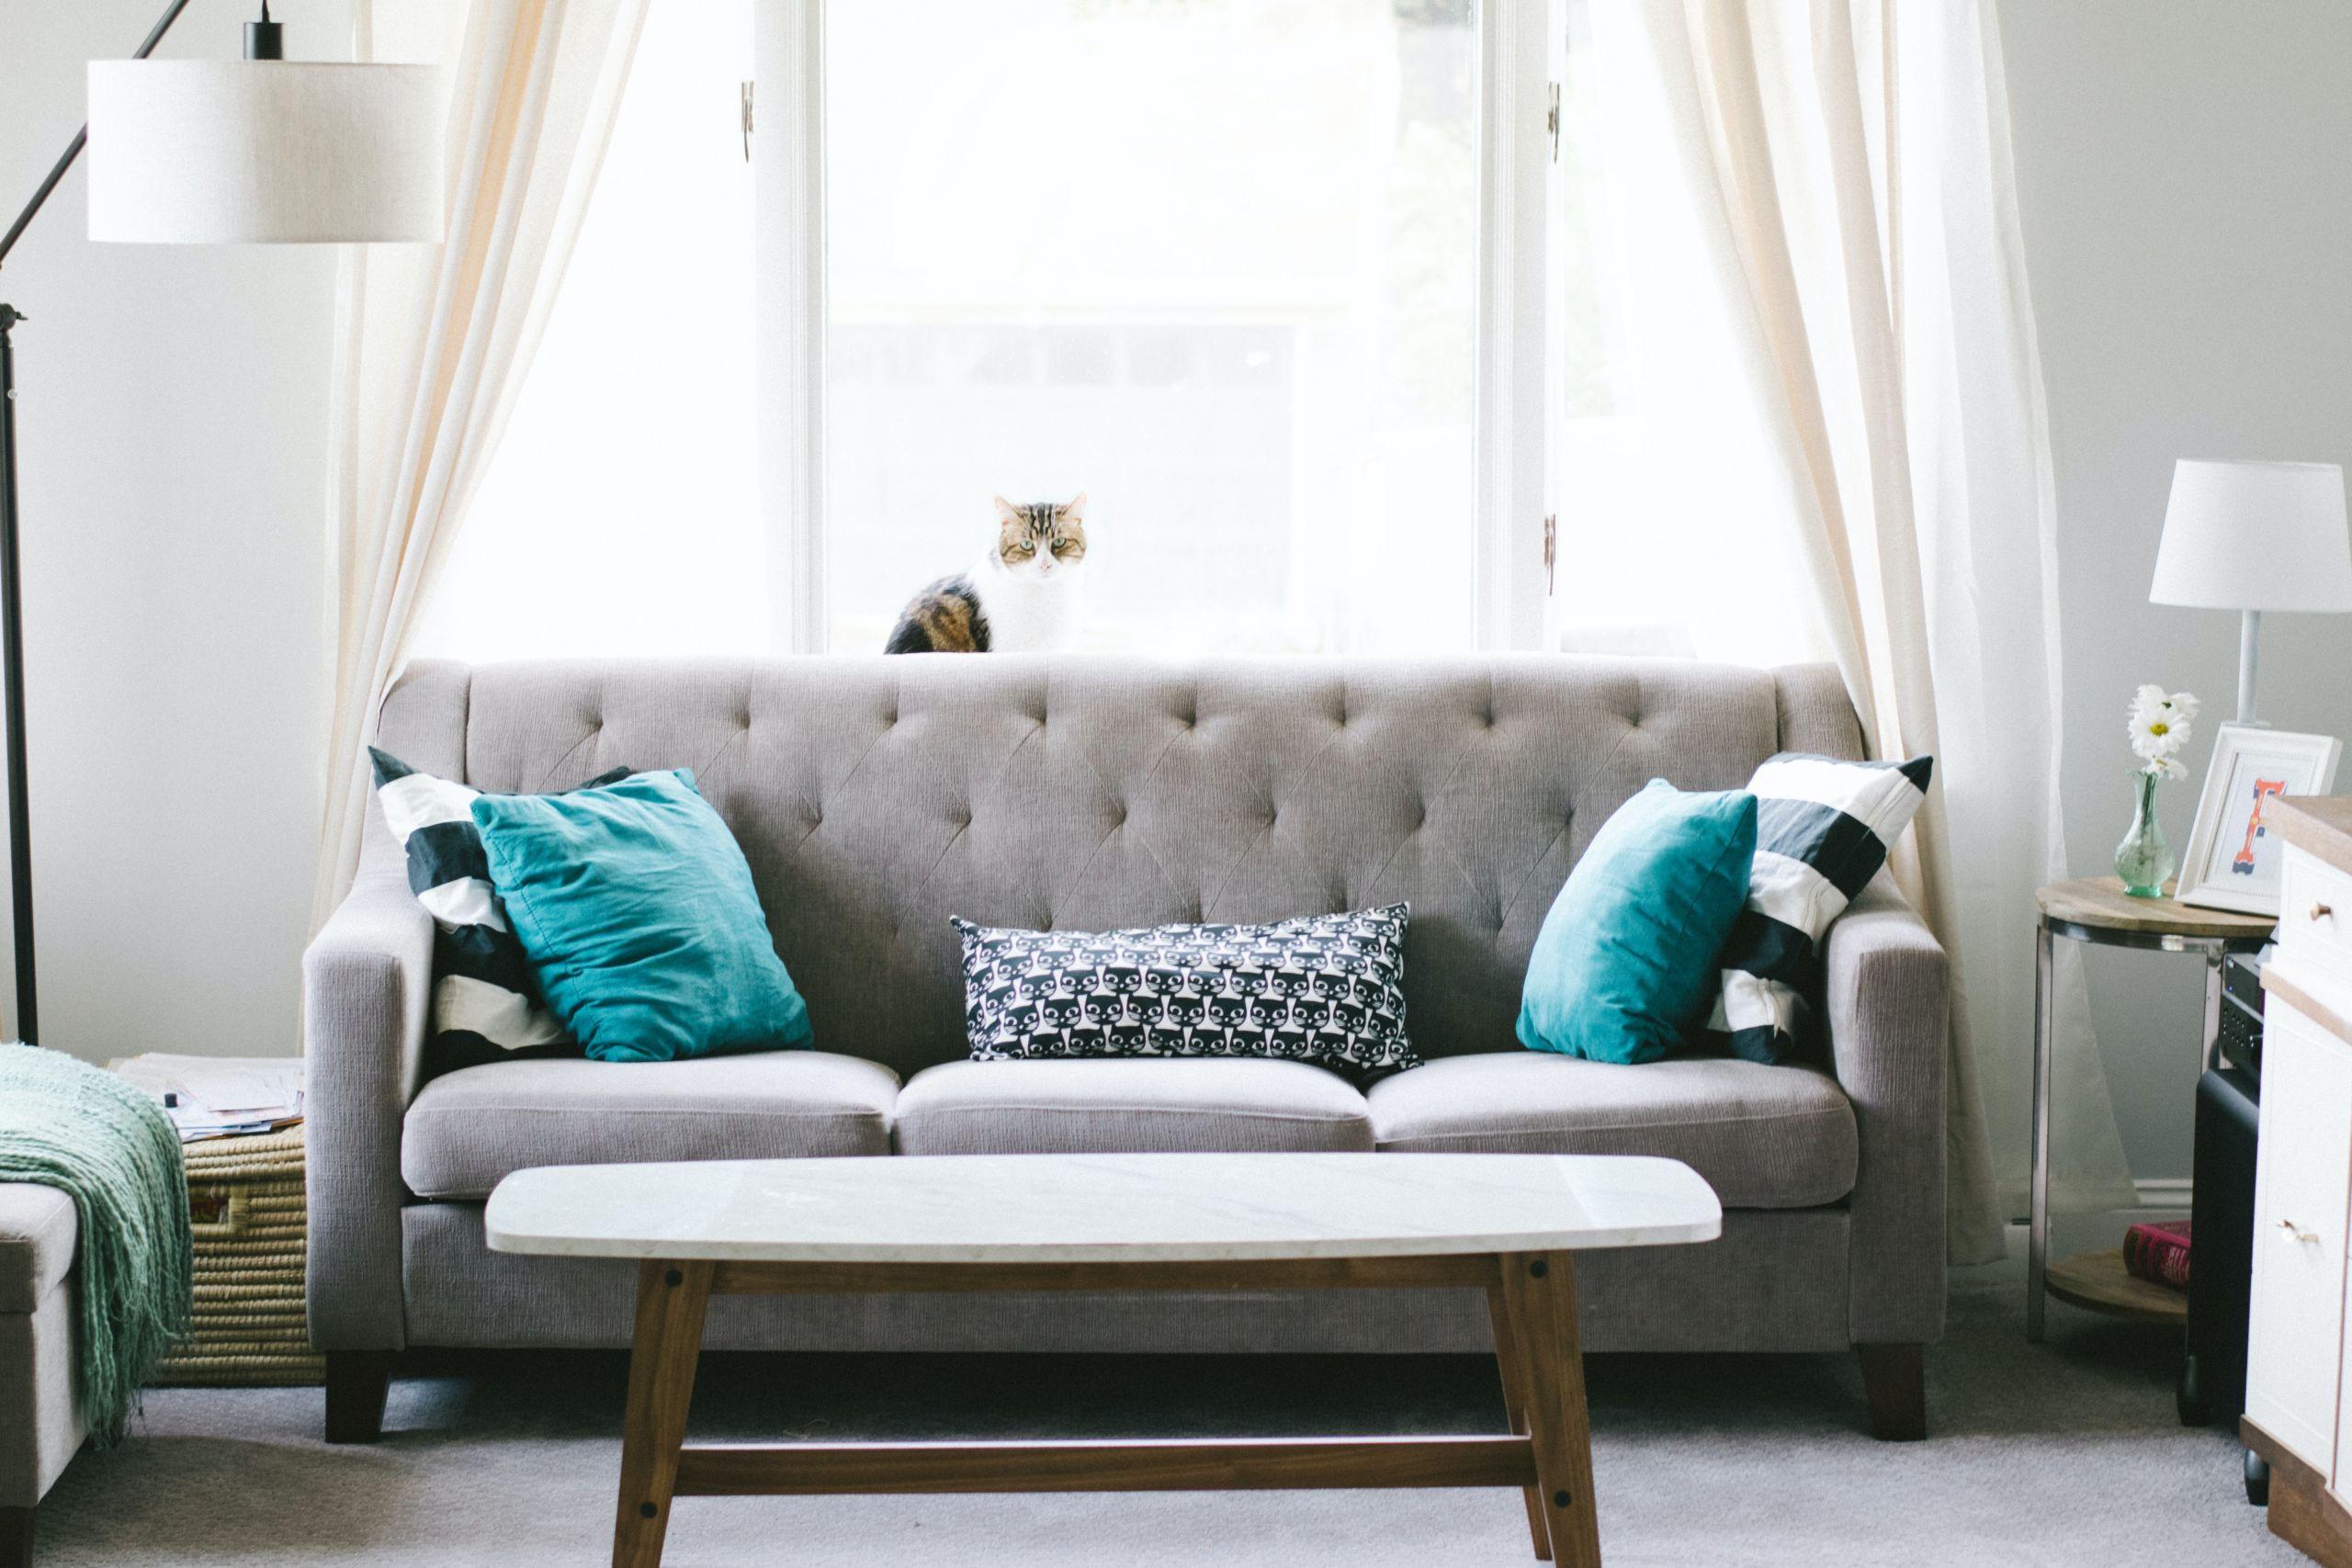 Casa Clikalia sofa escandinavo